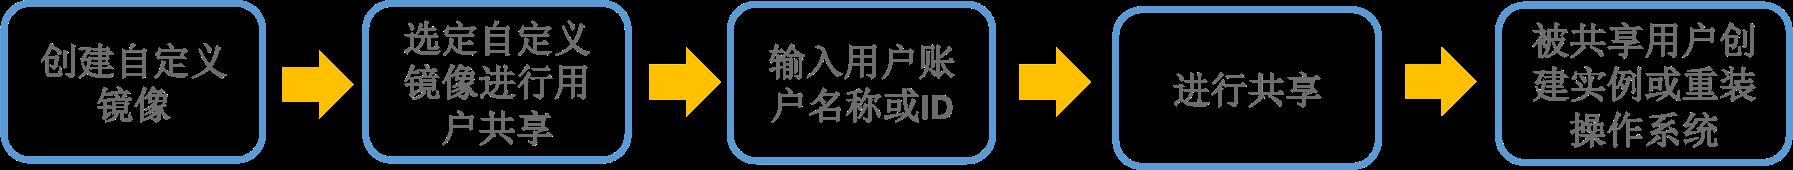 百度云代理商-凯铧互联